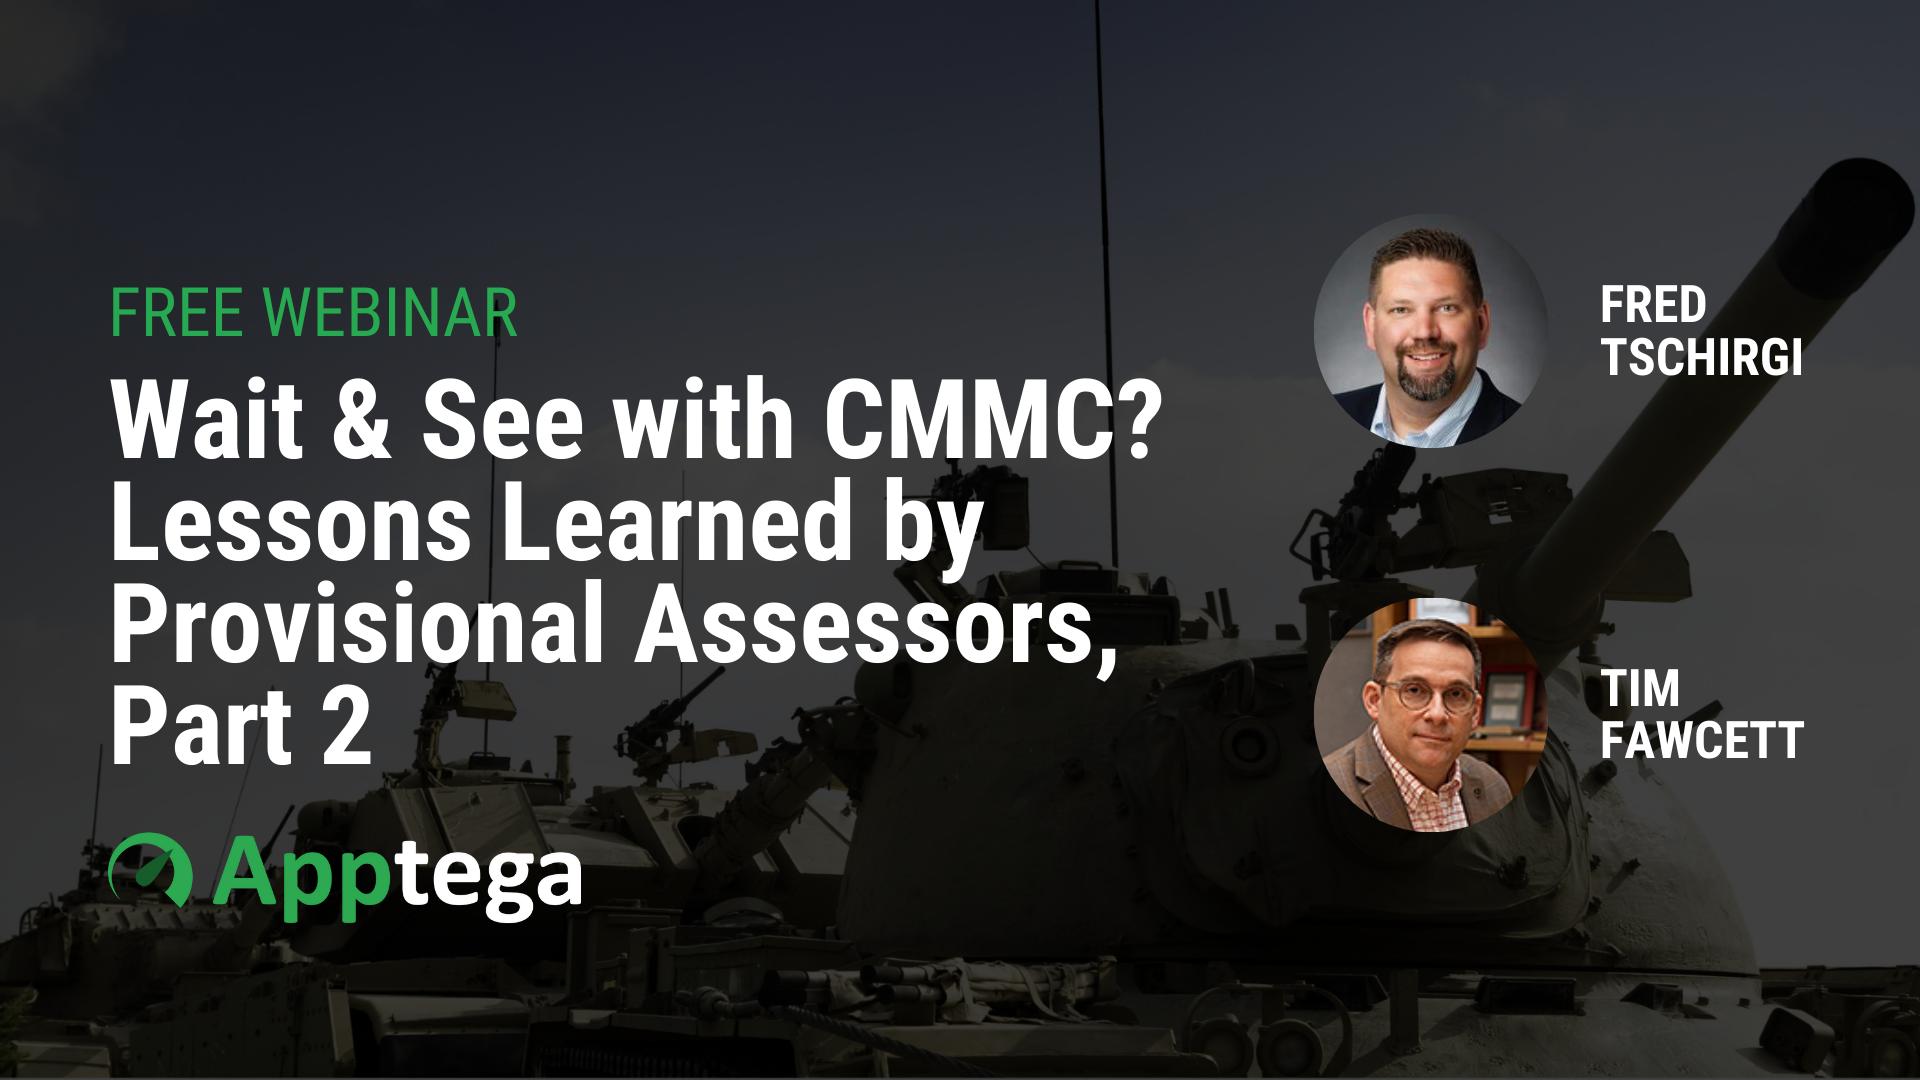 CMMC Webinar Background